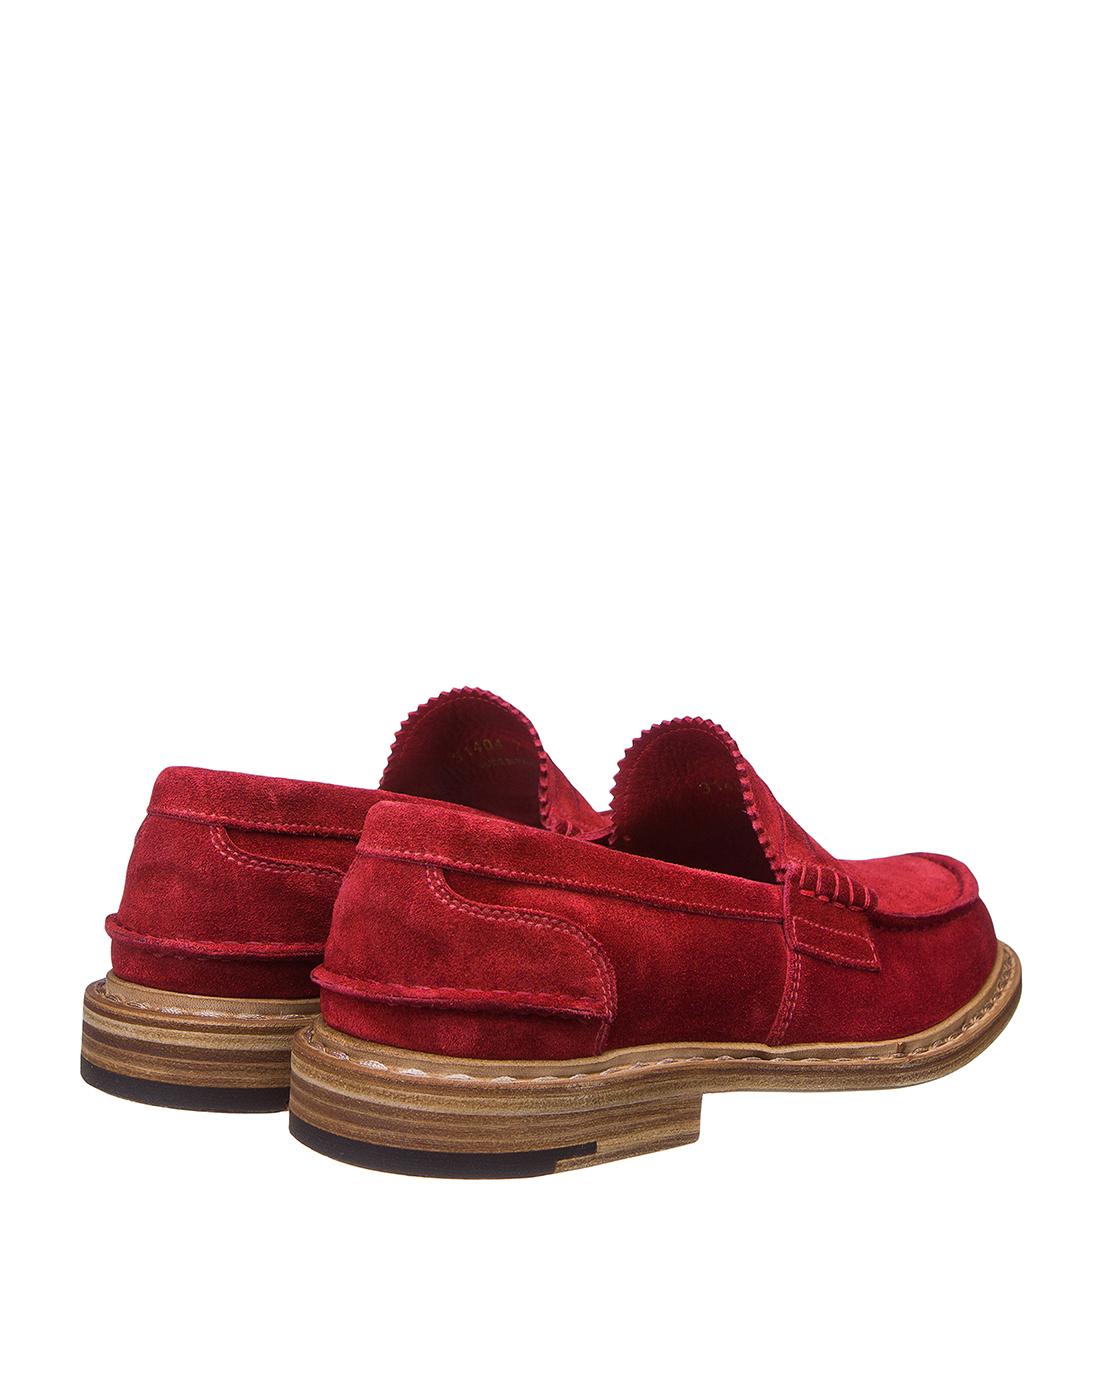 Туфли красные мужские Premiata S31404-3